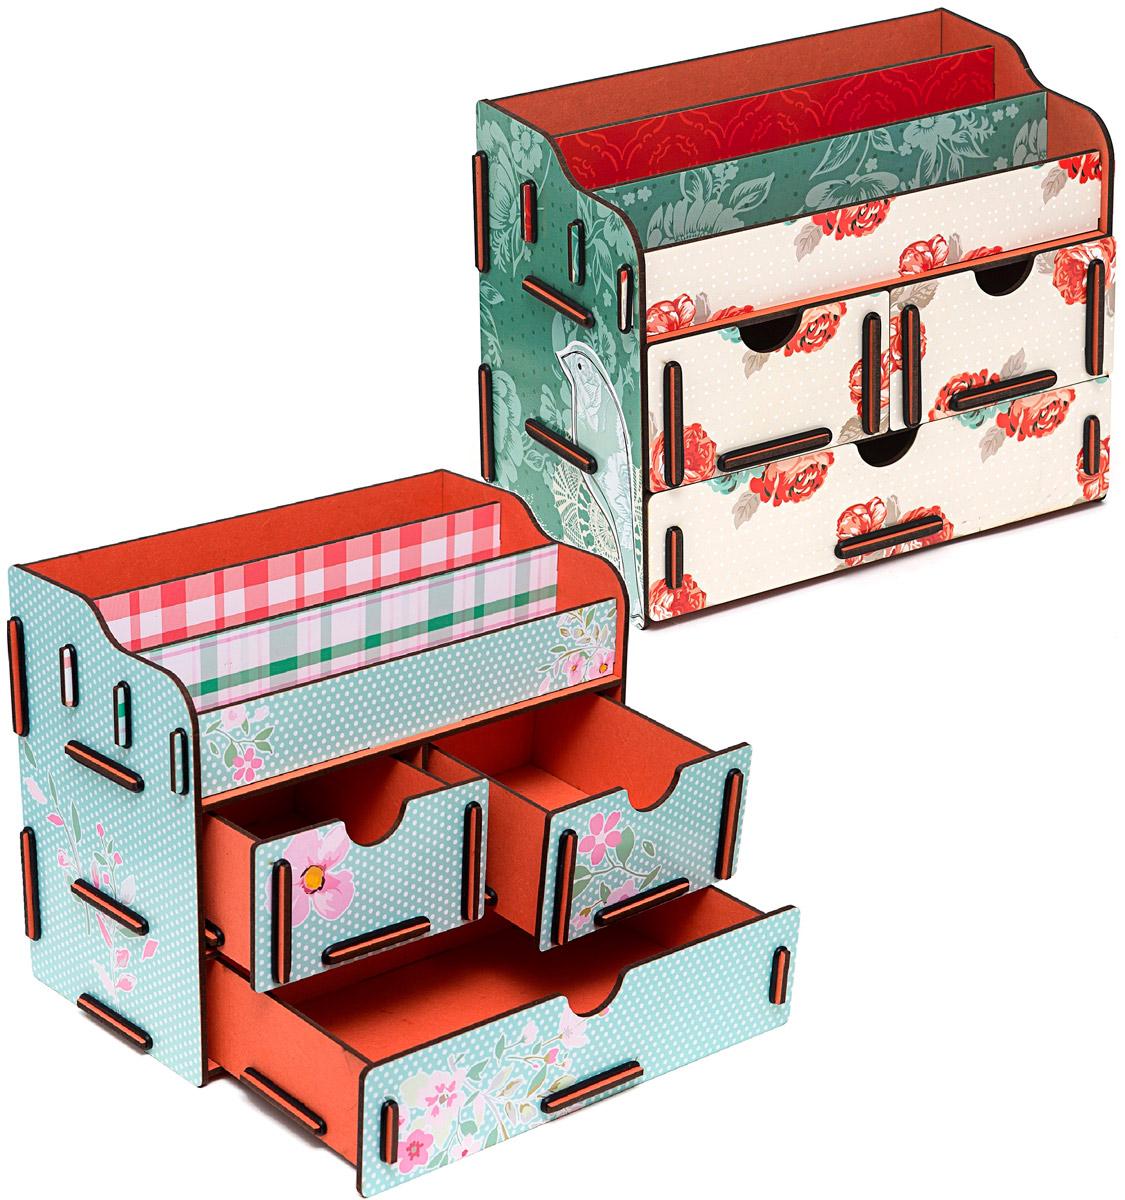 Набор шкатулок Homsu Аромат весенних цветов, для украшений, 2 штDEN-03Набор Homsu Аромат весенних цветов состоит из оригинальных шкатулок, выполненных из МДФ, и имеет множество полочек сверху для хранения косметики, парфюмерии и аксессуаров, а также ящички, которые позволят разместить в них все самое необходимое и сокровенное для каждой женщины. Шкатулочки можно поставить на стол, они станут отличным дополнением интерьера.